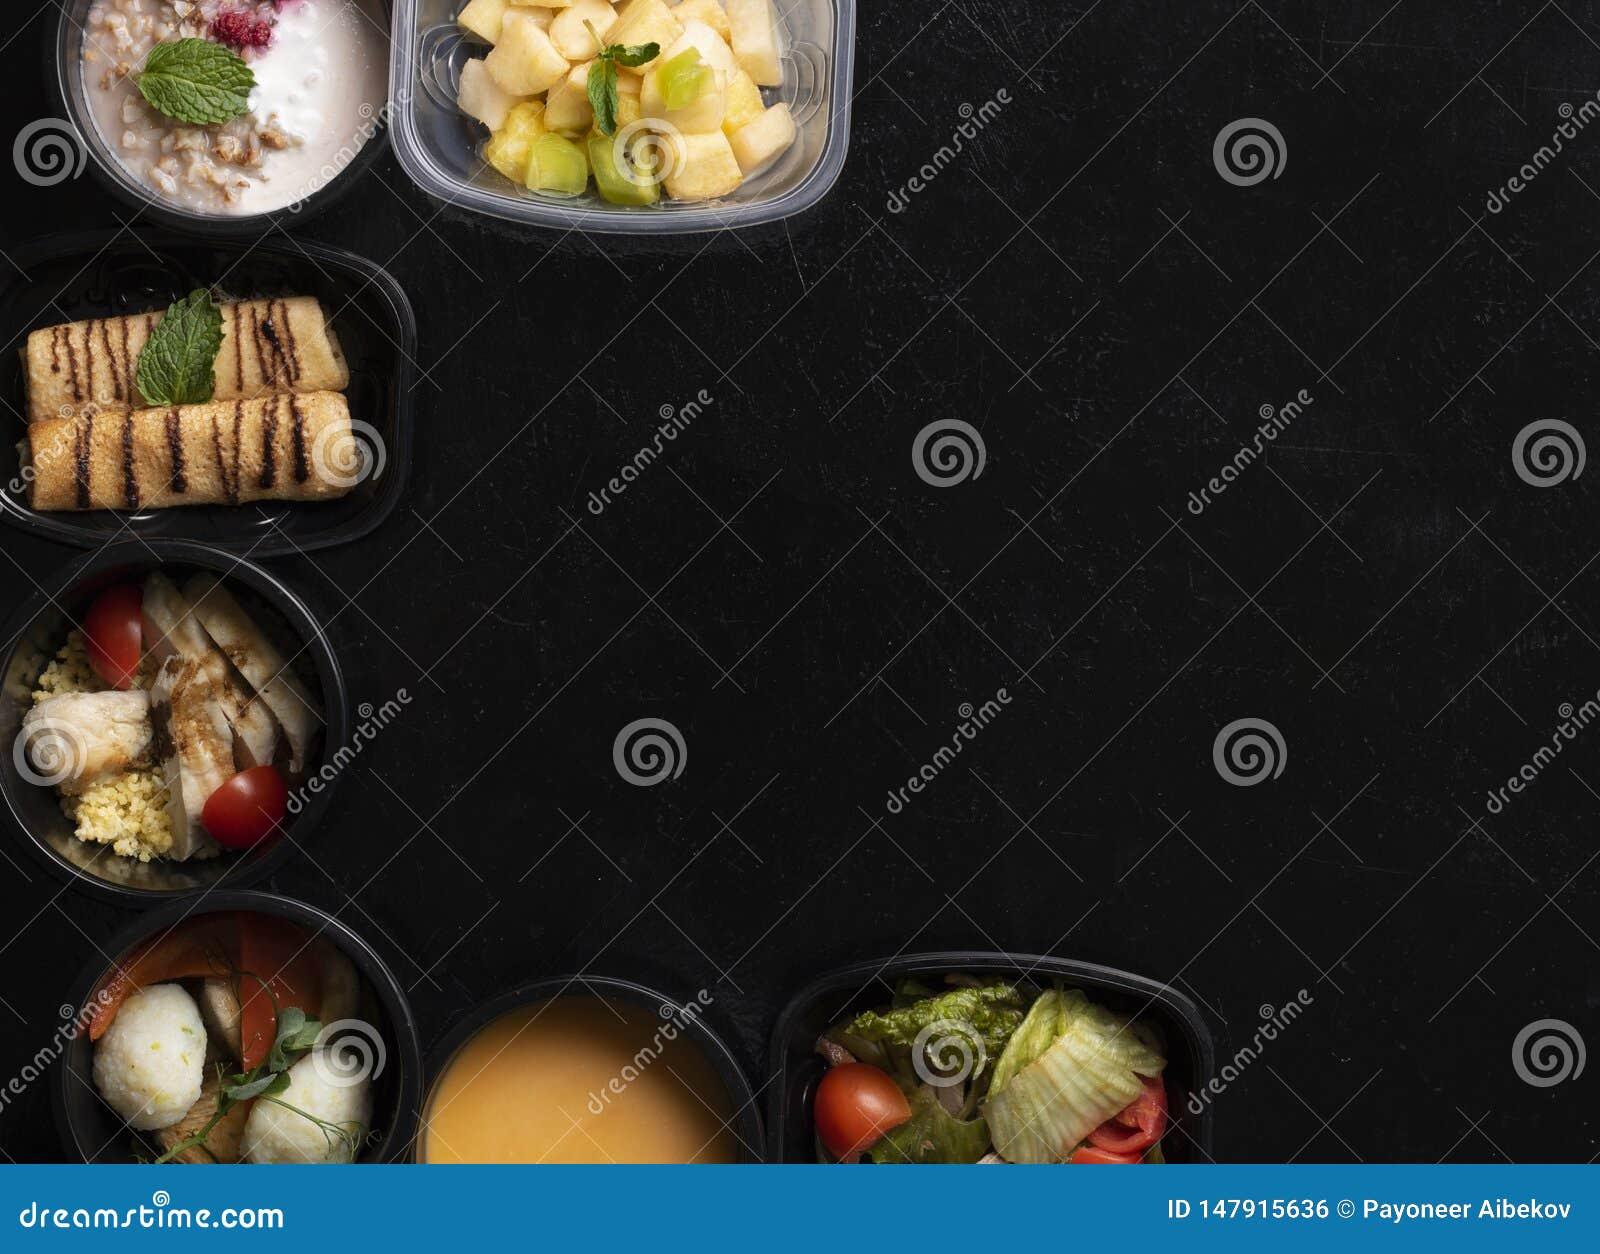 Dietas para bajar de peso con rabano in english